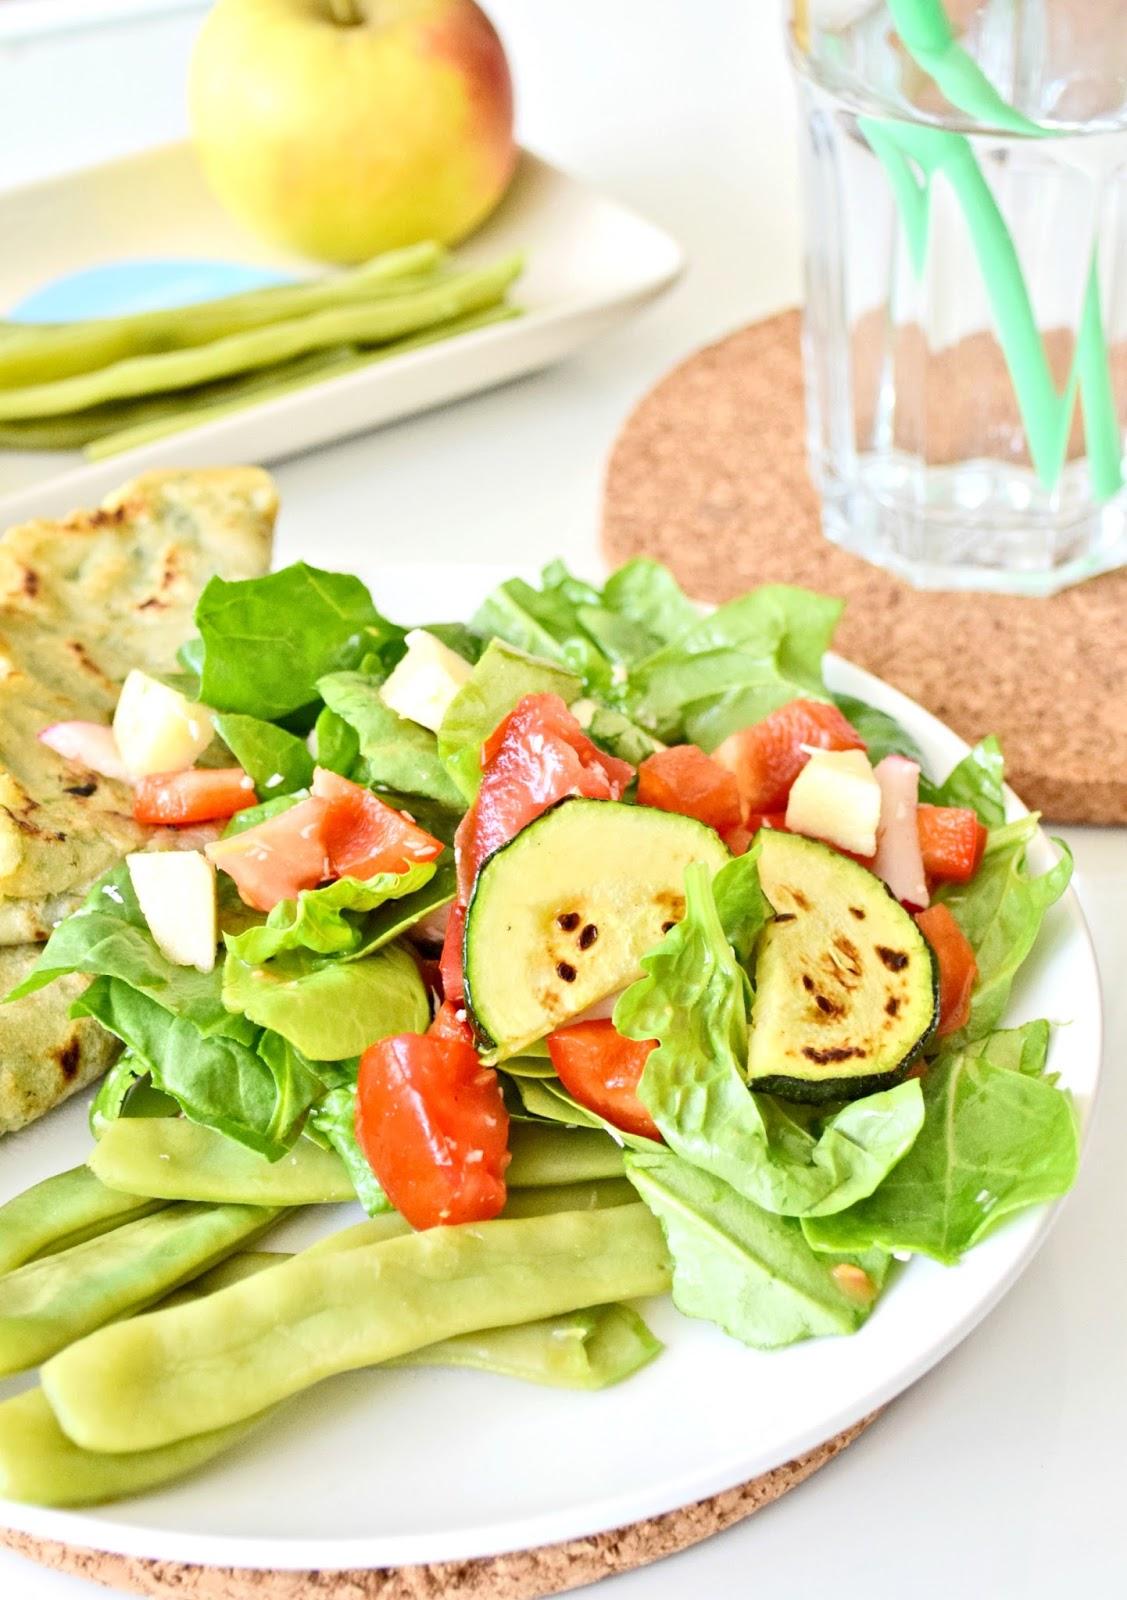 Łatwe przepisy bez glutenu, mleka i jajek